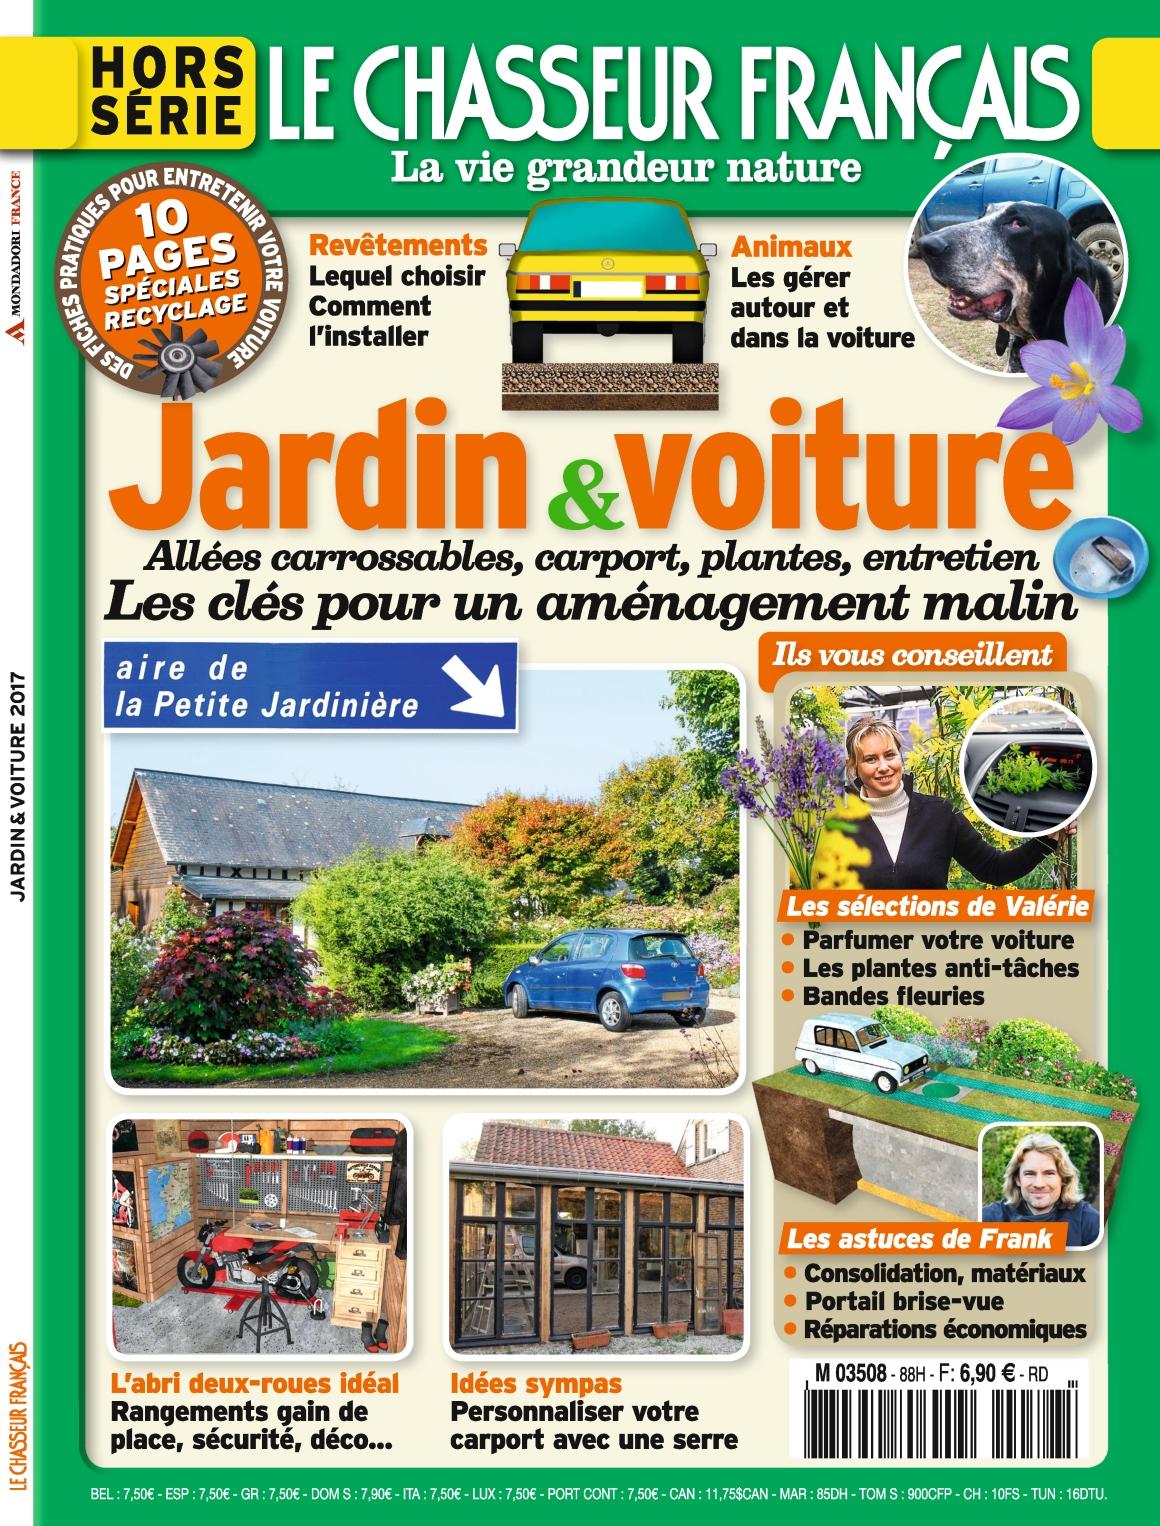 Le Chasseur Français Hors-Série N°88 - Jardin & Voiture 2017